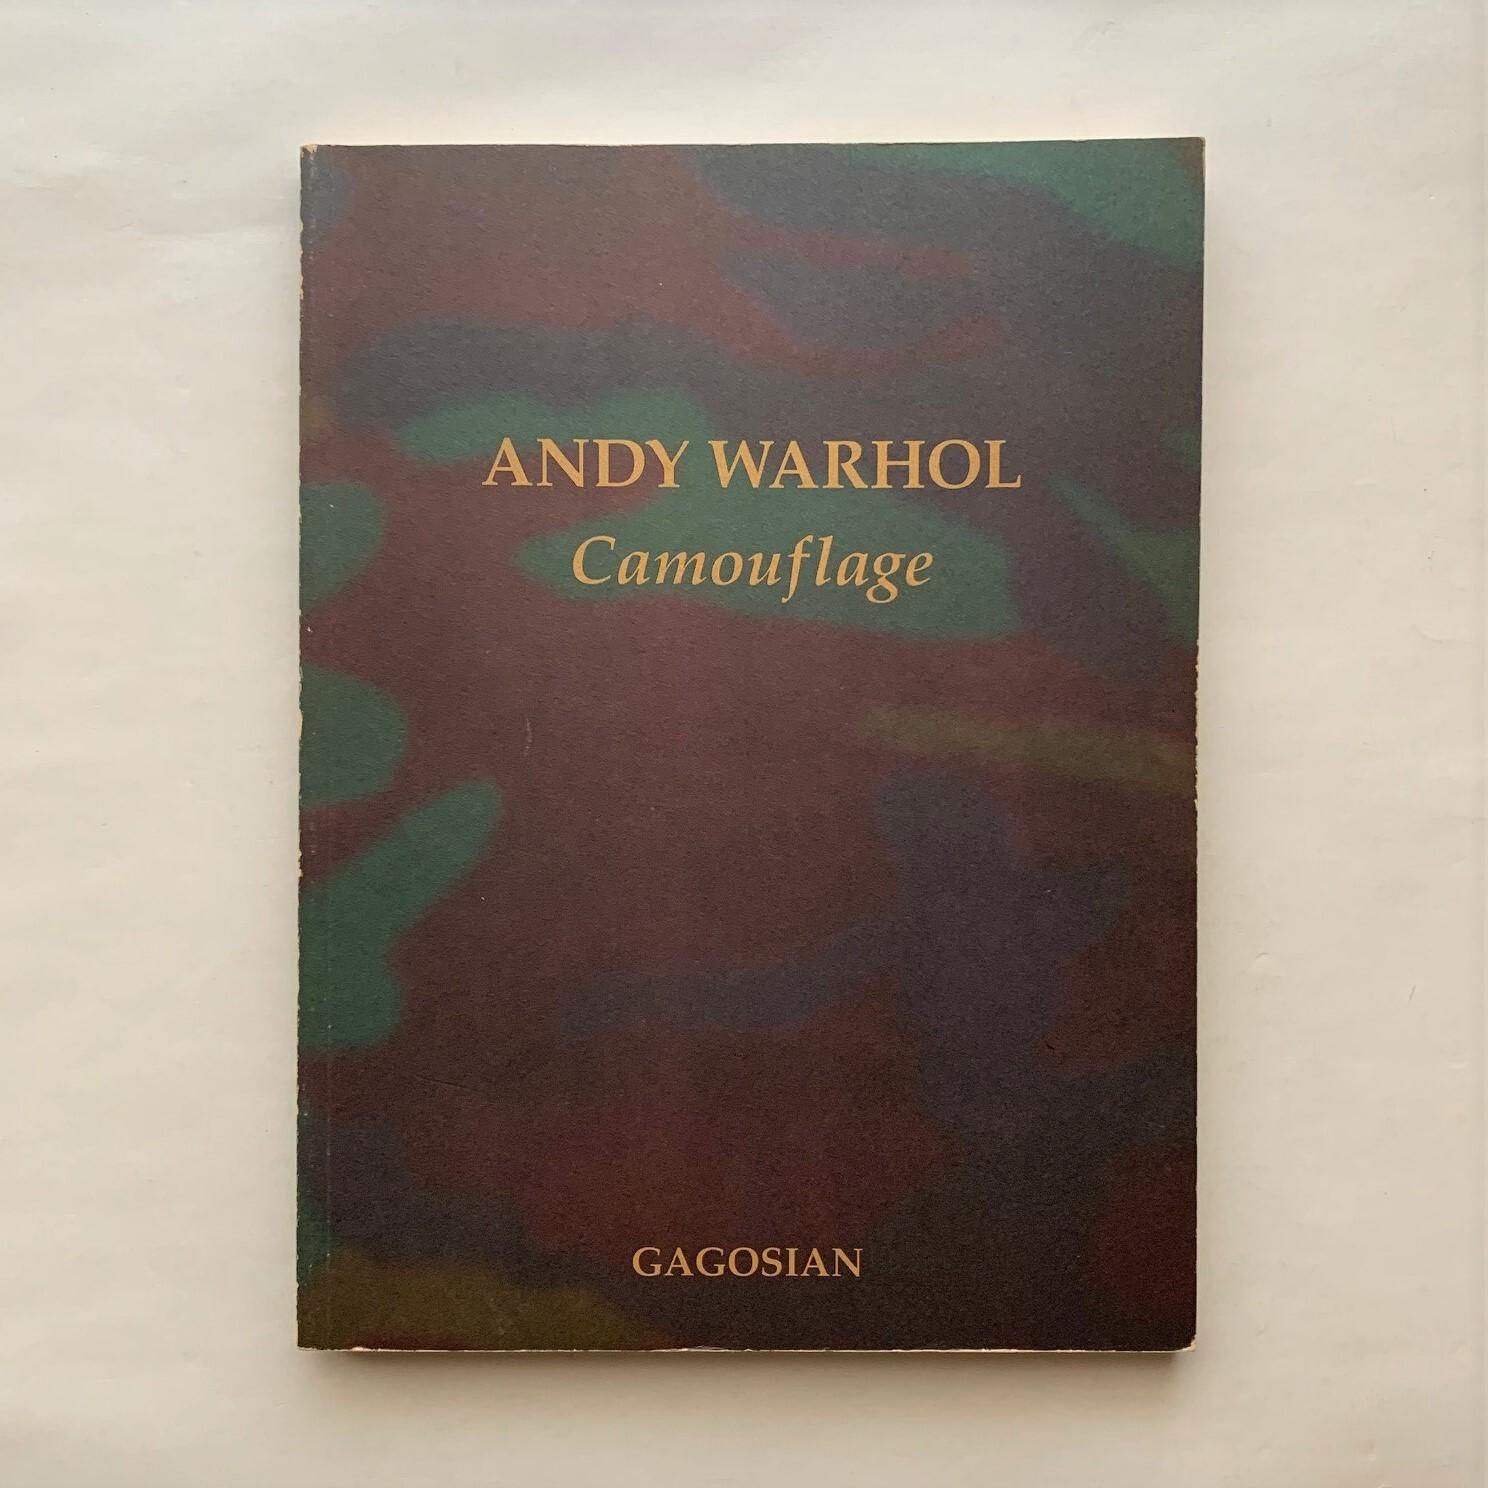 ANDY WARHOL / Camouflage / アンディ・ウォーホル